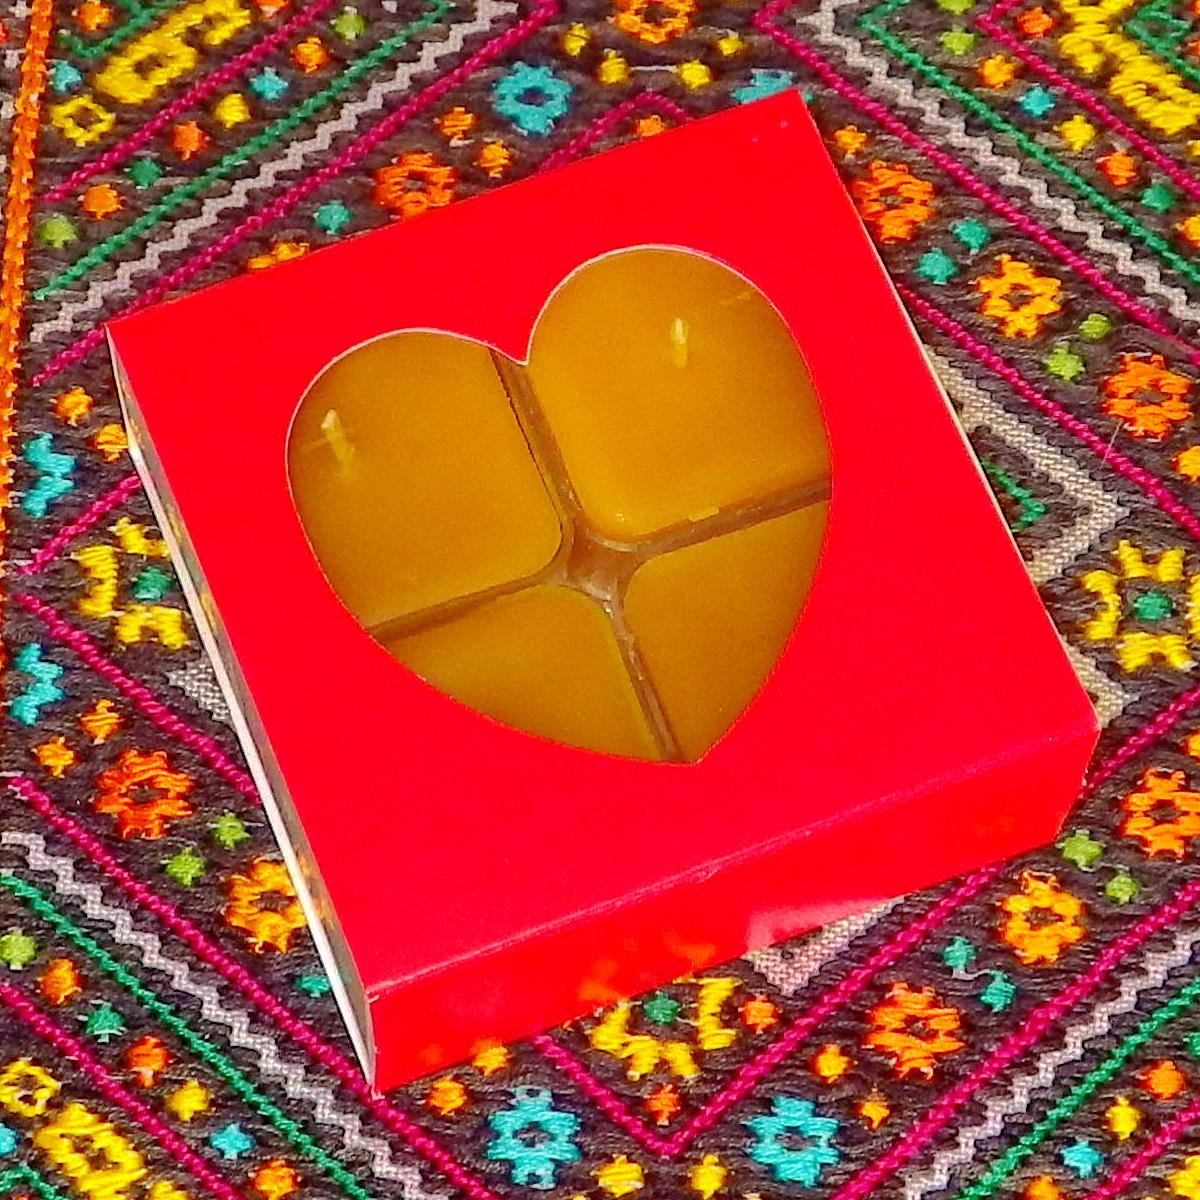 Подарочный набор квадратных чайных восковых свечей (4шт.) в коробке Красное Сердце